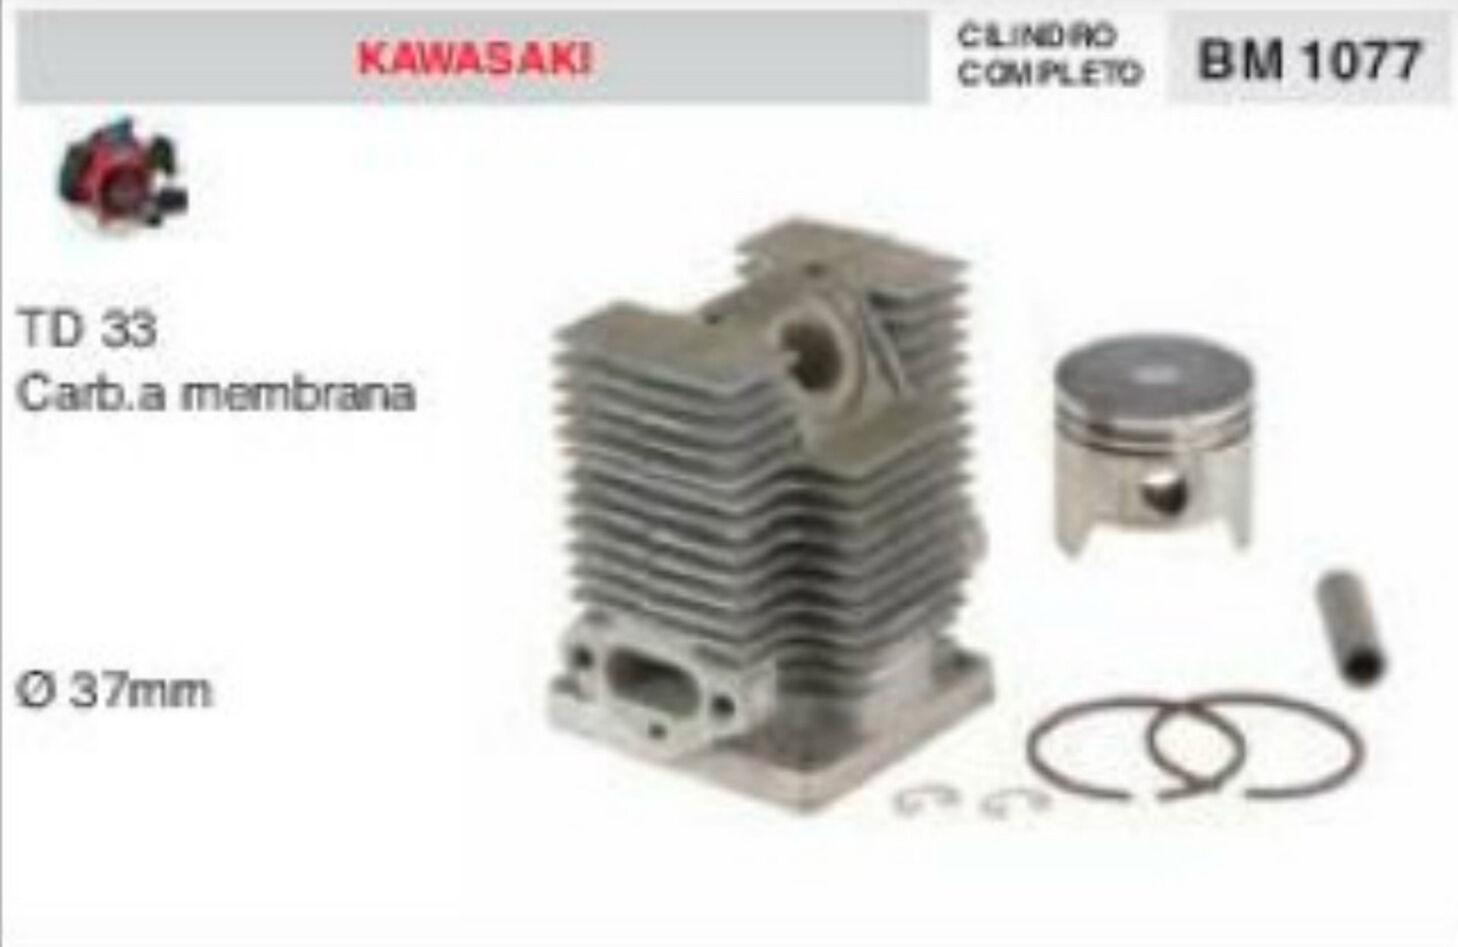 Cylindre et Piston Débroussailleuse Kawasaki Td33 Td 33 Ø 37 mm Cocheb à Membrane